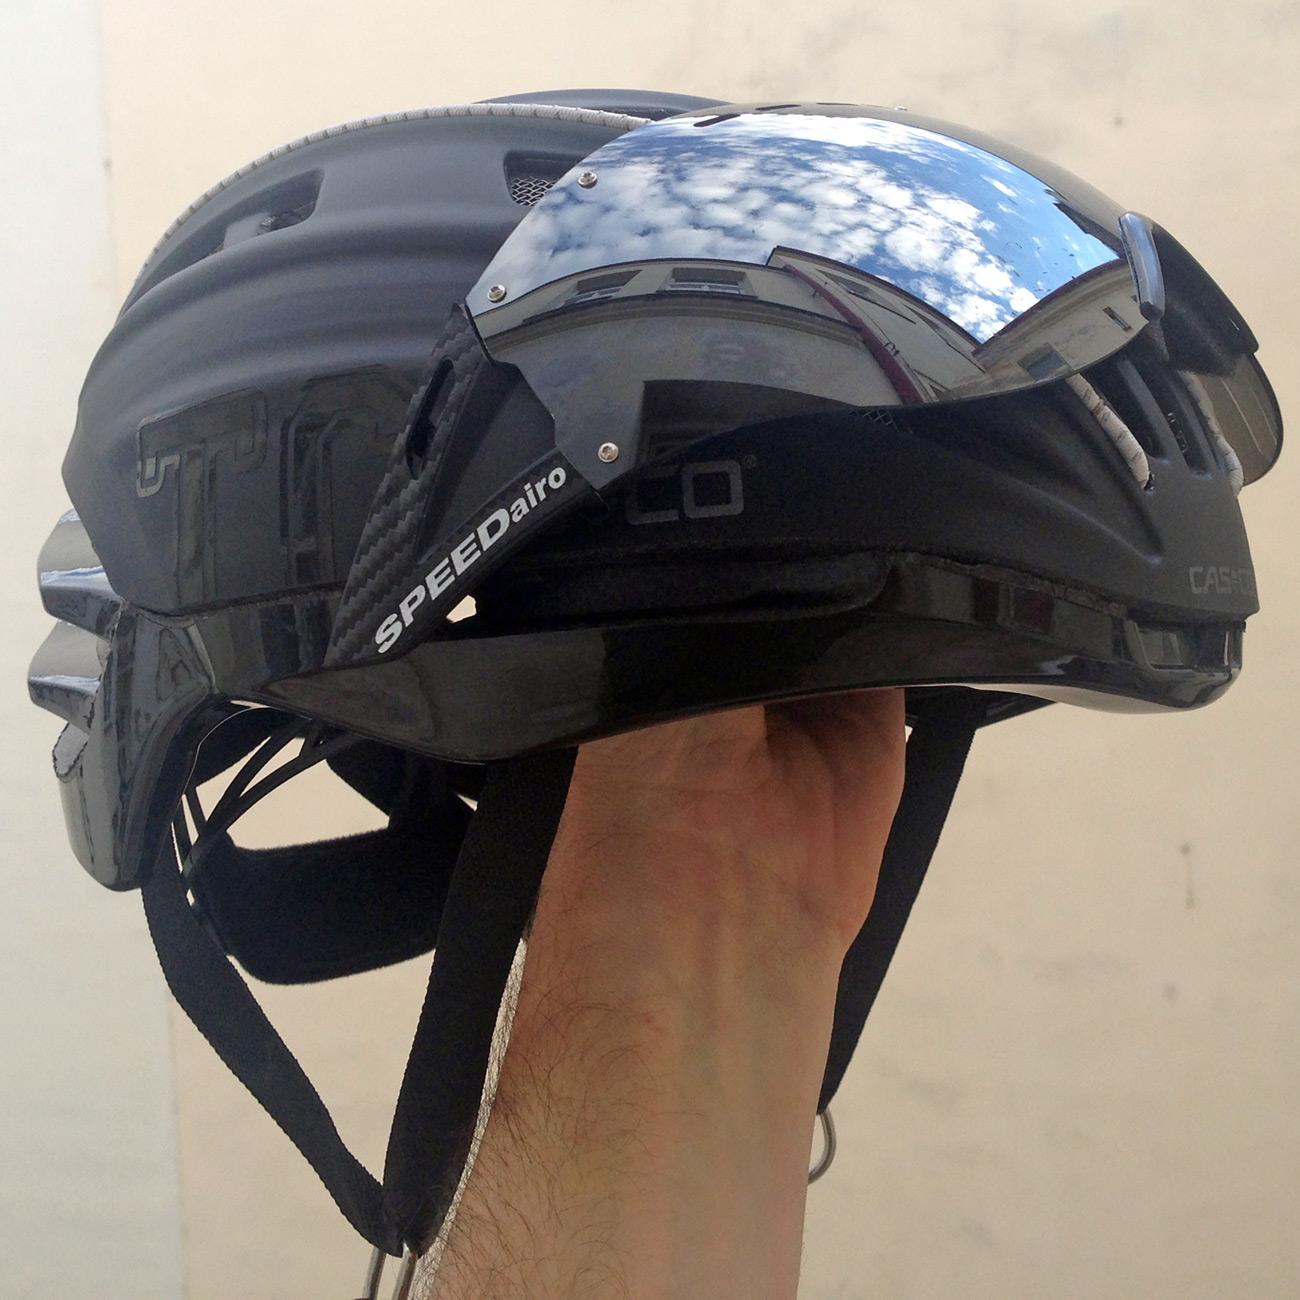 Casco_Speed-Airo-TCS-aero-road-helmet_side-shield-up